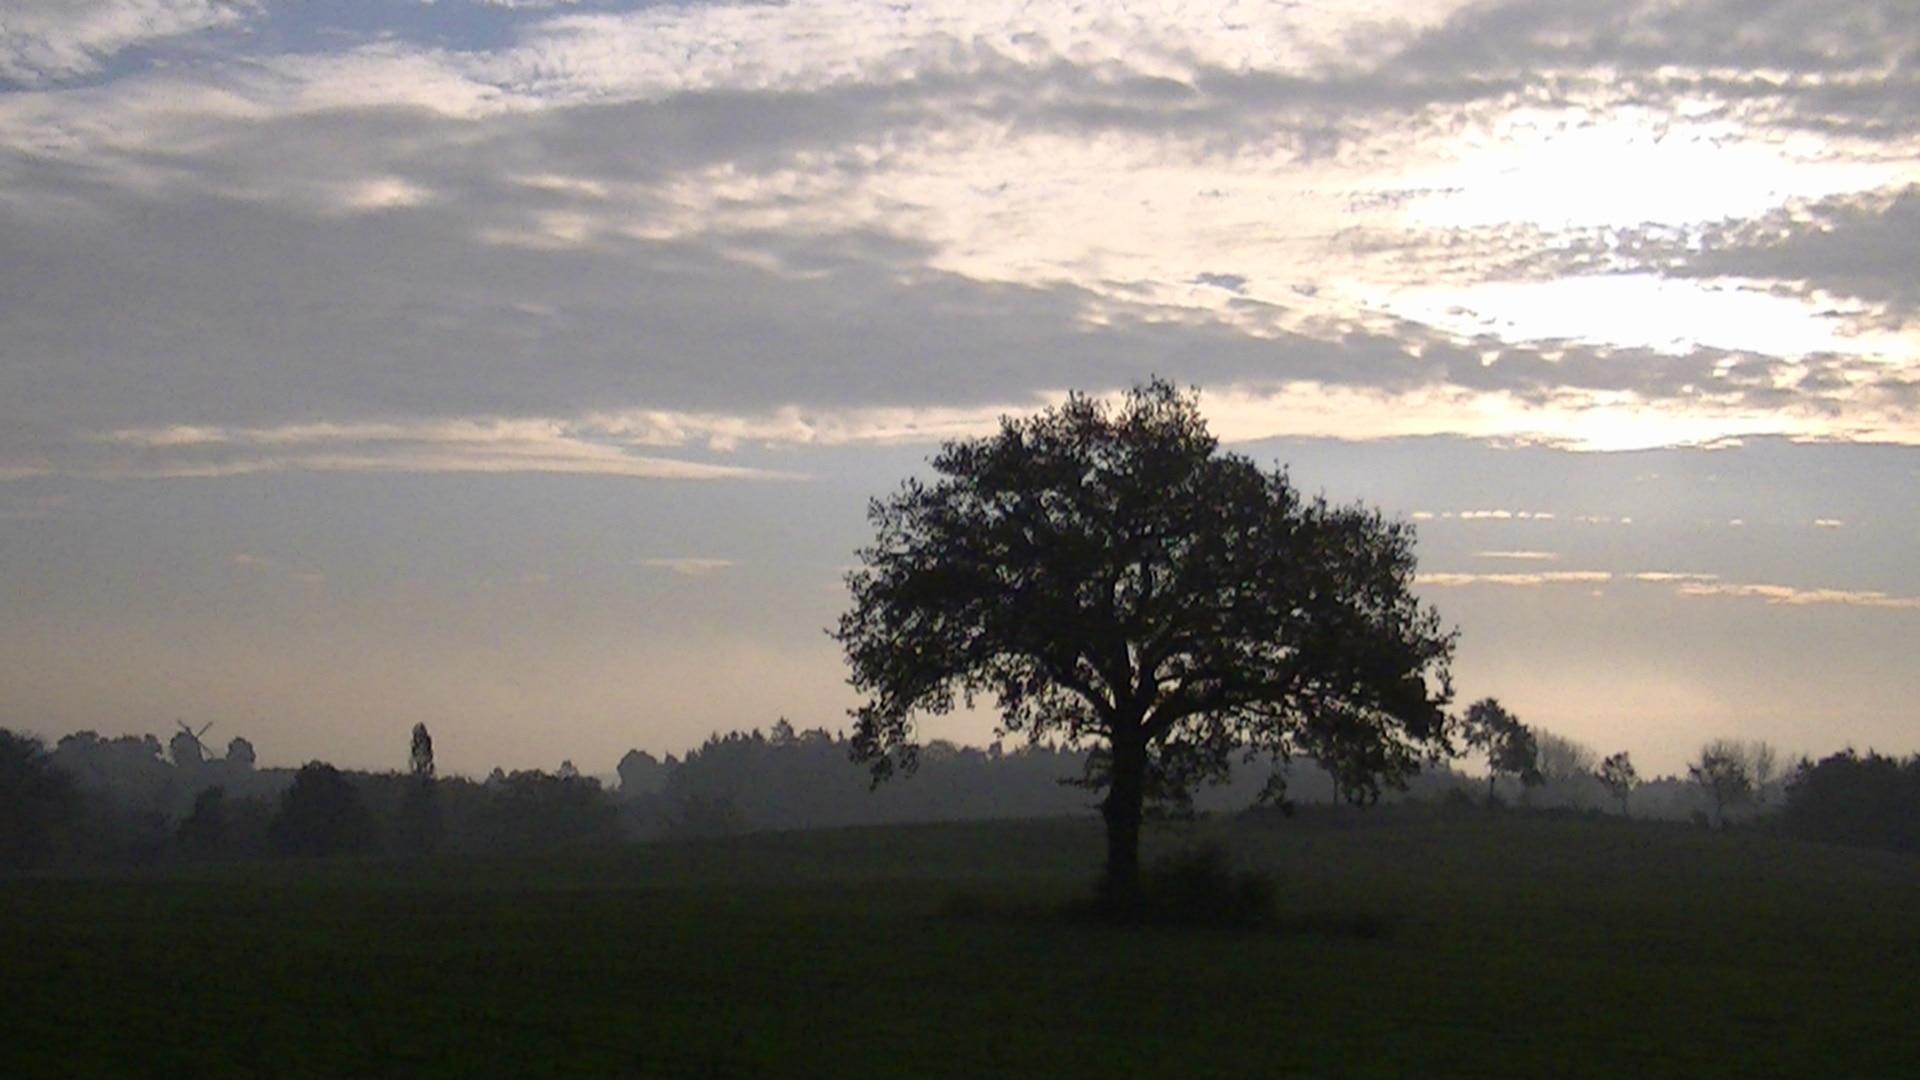 Grebin, Schleswig-Holstein